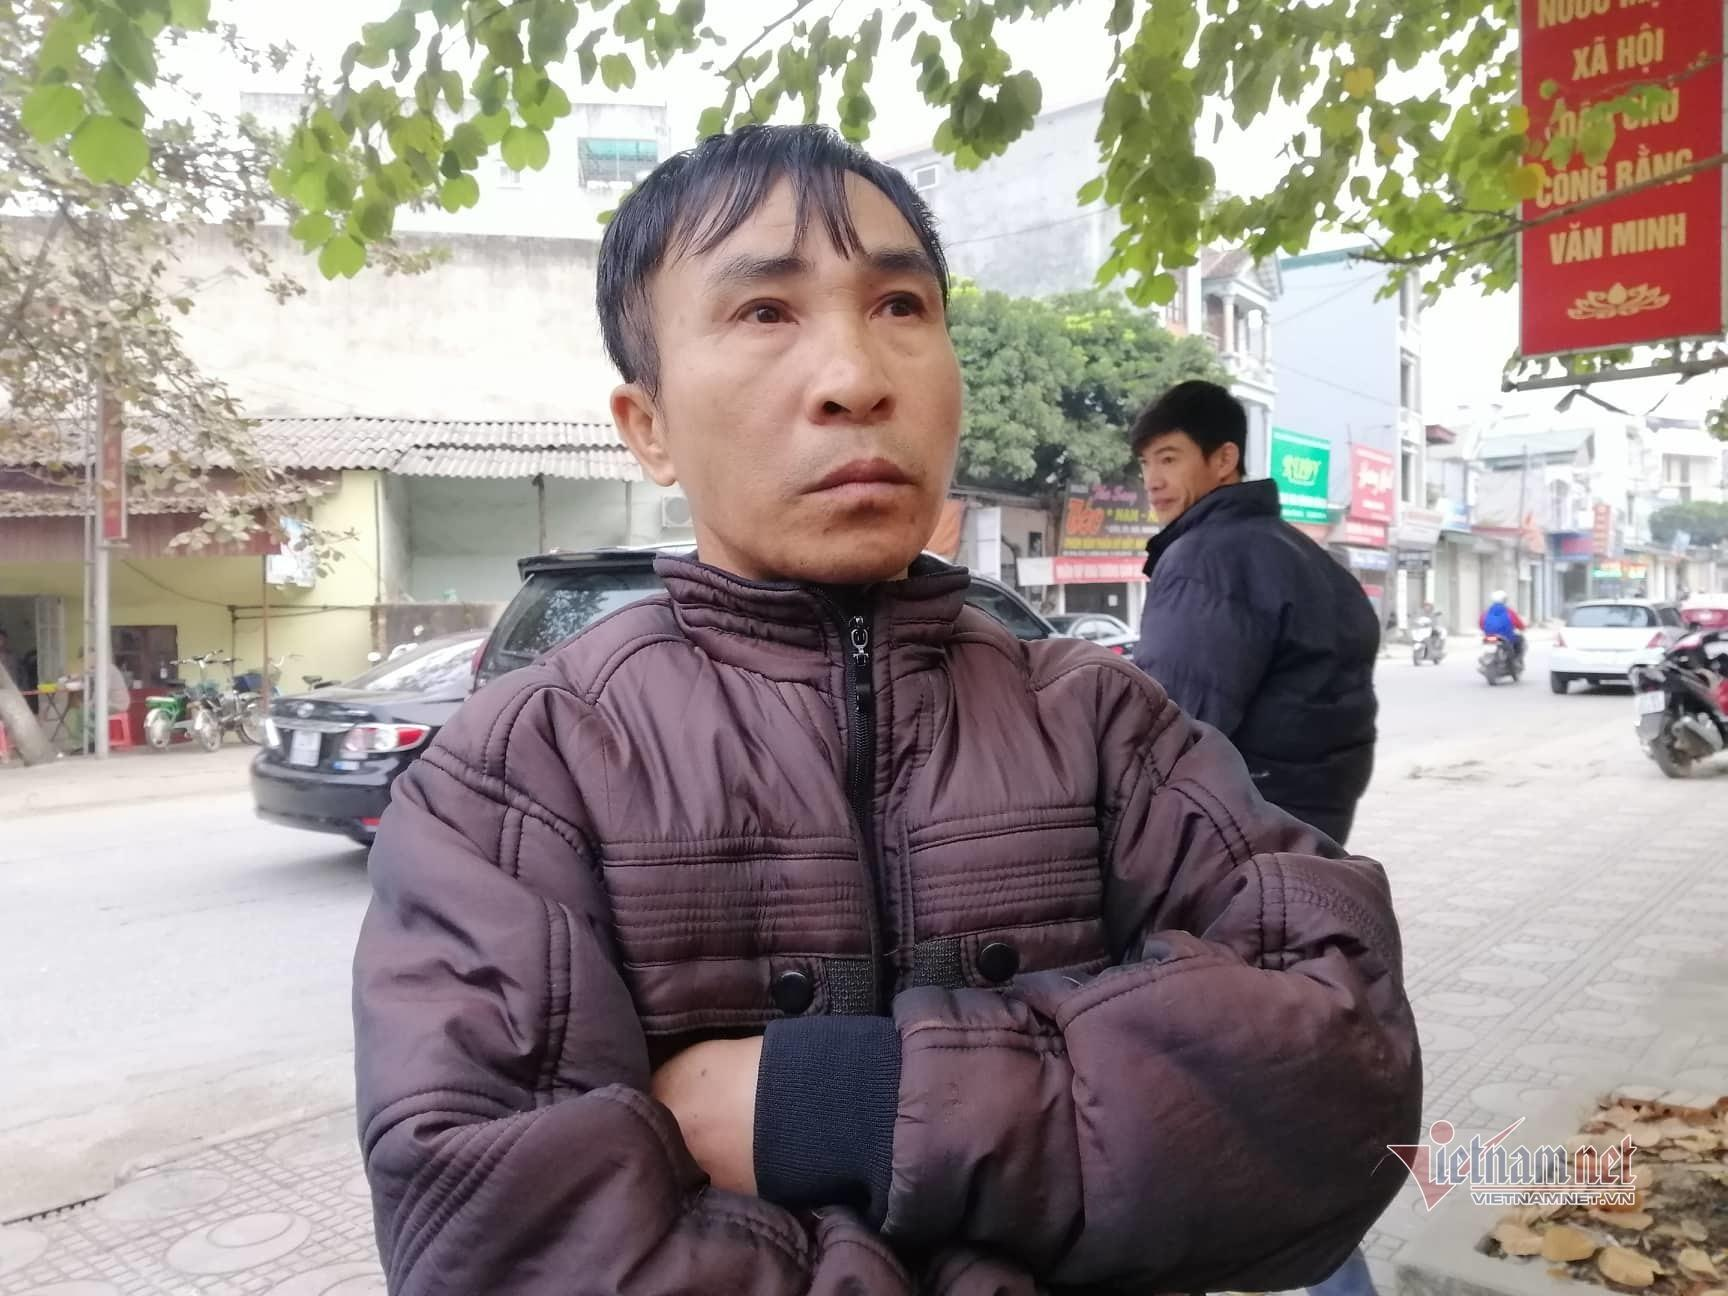 Nóng: Lần đầu tiên bố và chị gái nữ sinh giao gà bị sát hại ở Điện Biên xuất hiện-2